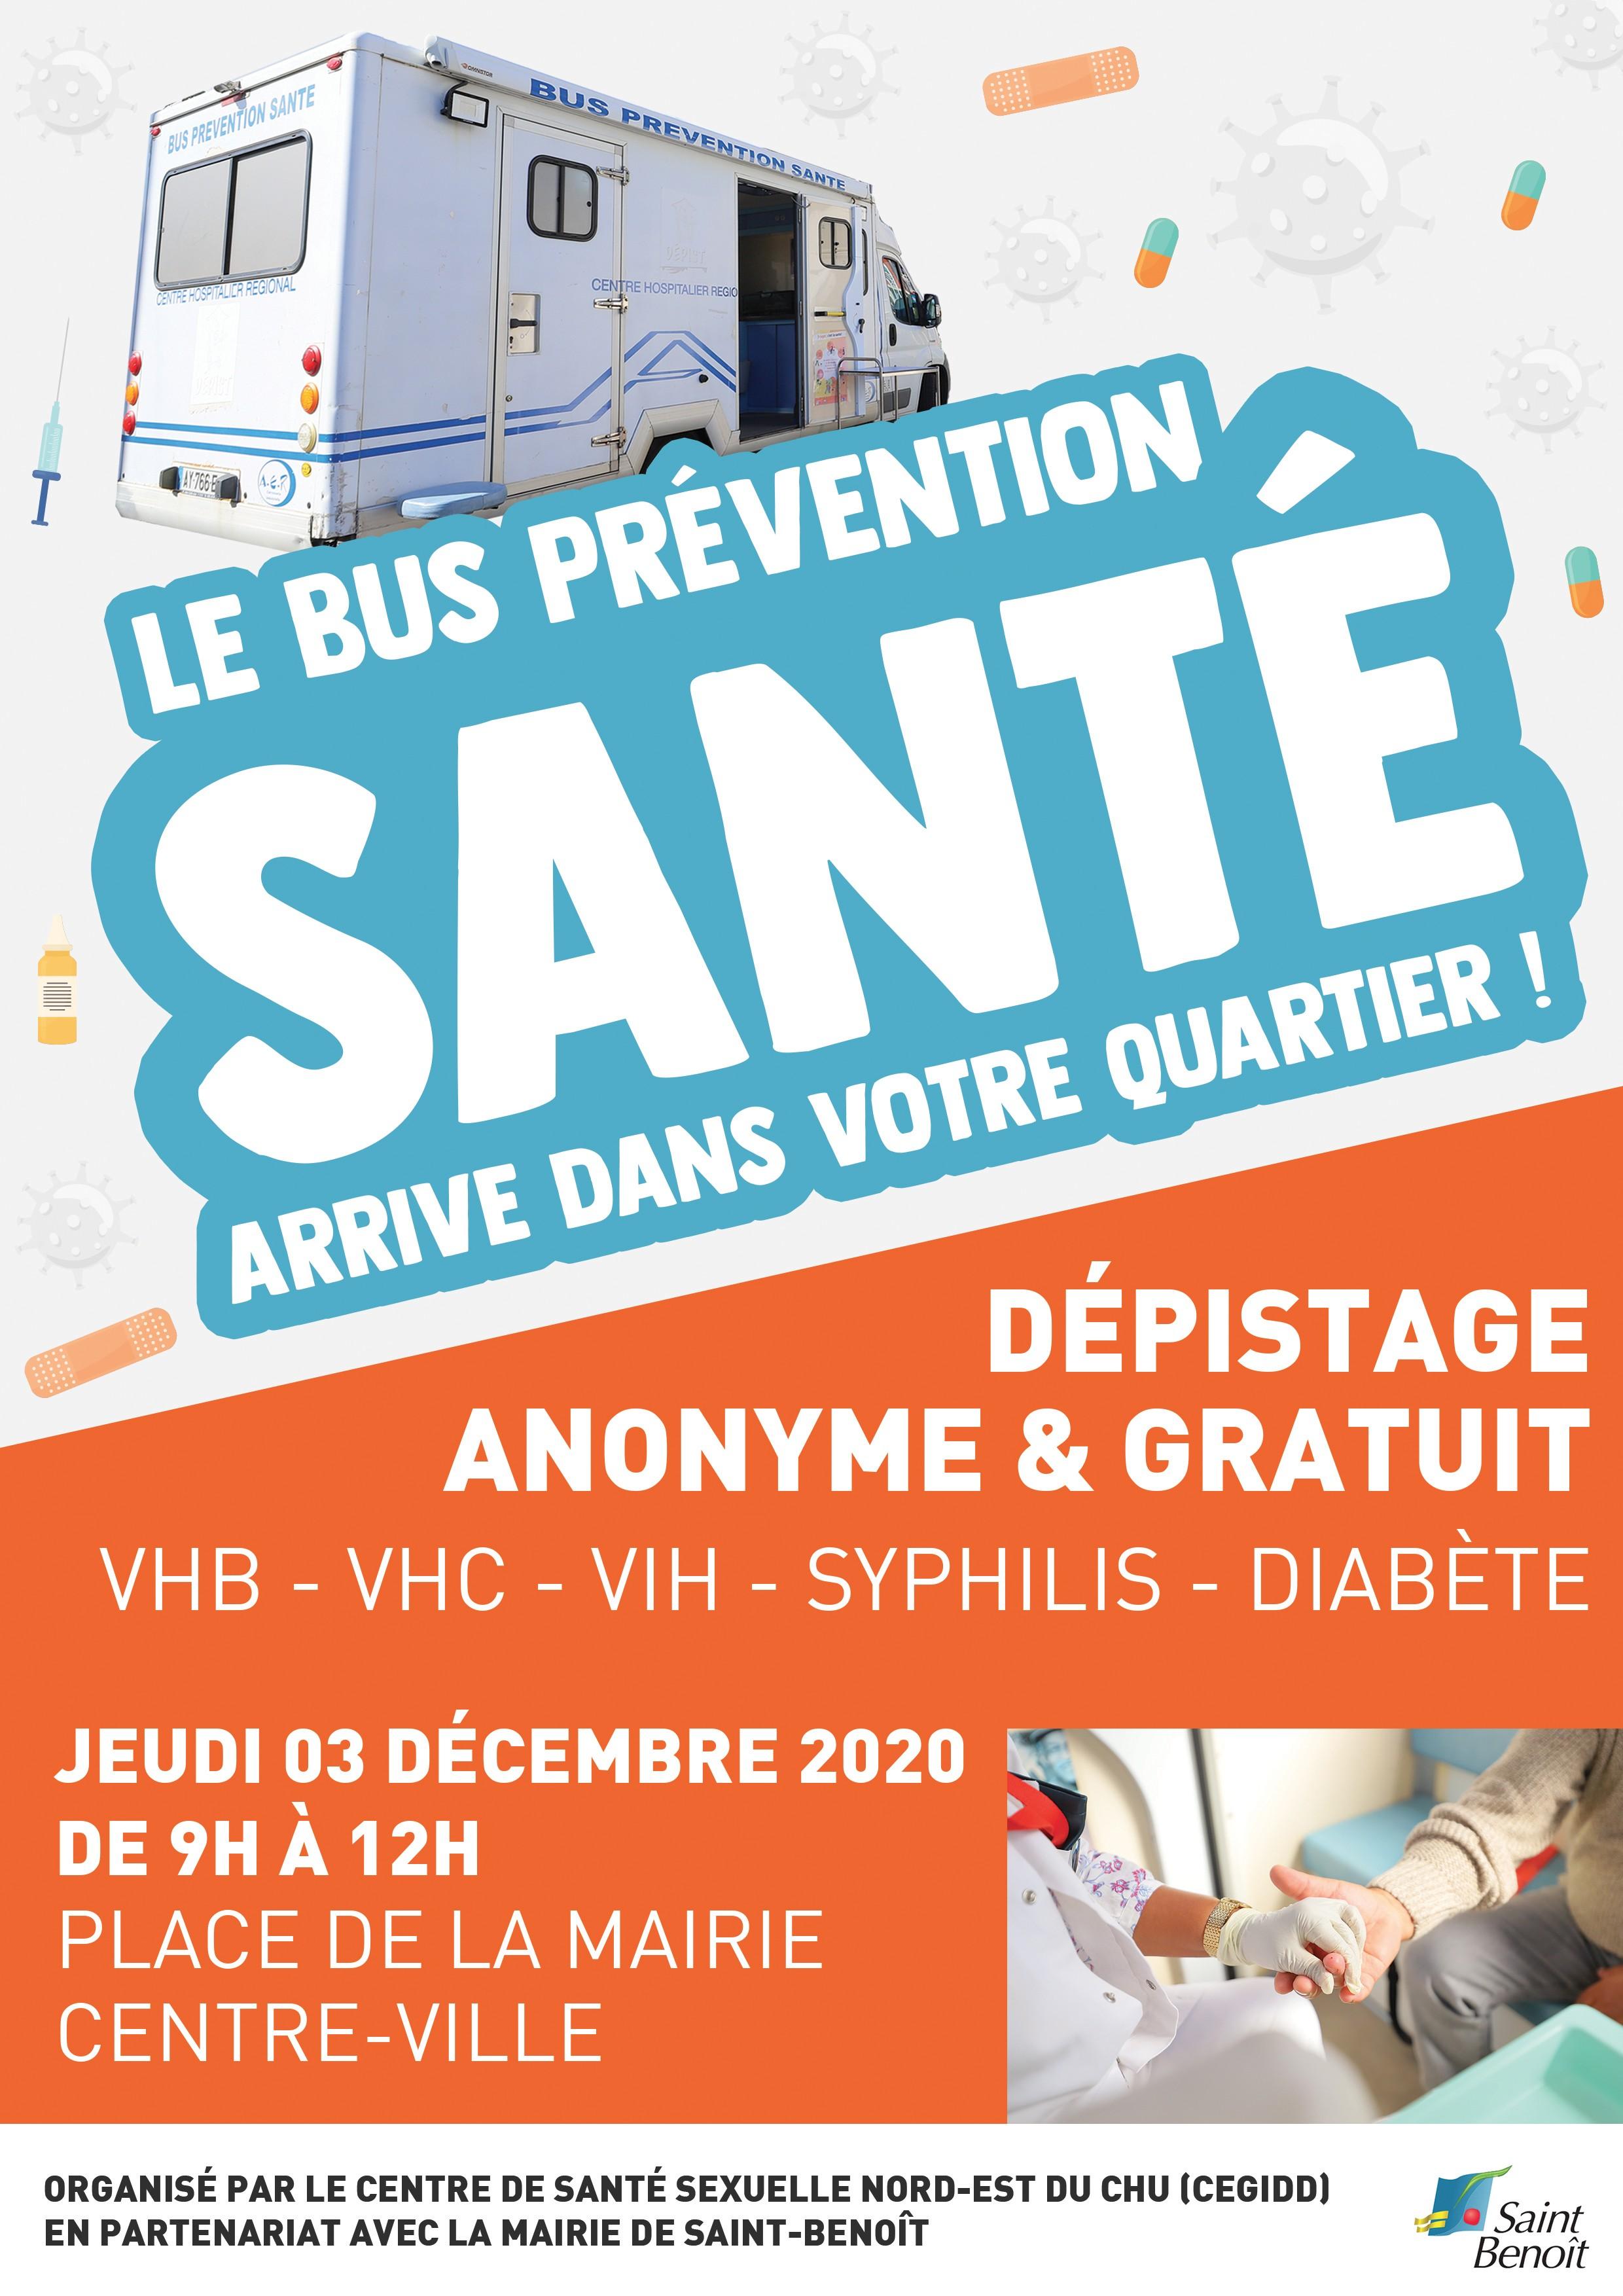 Dépistage anonyme et gratuit : VHB, VHC, VIH, Syphilis, Diabète